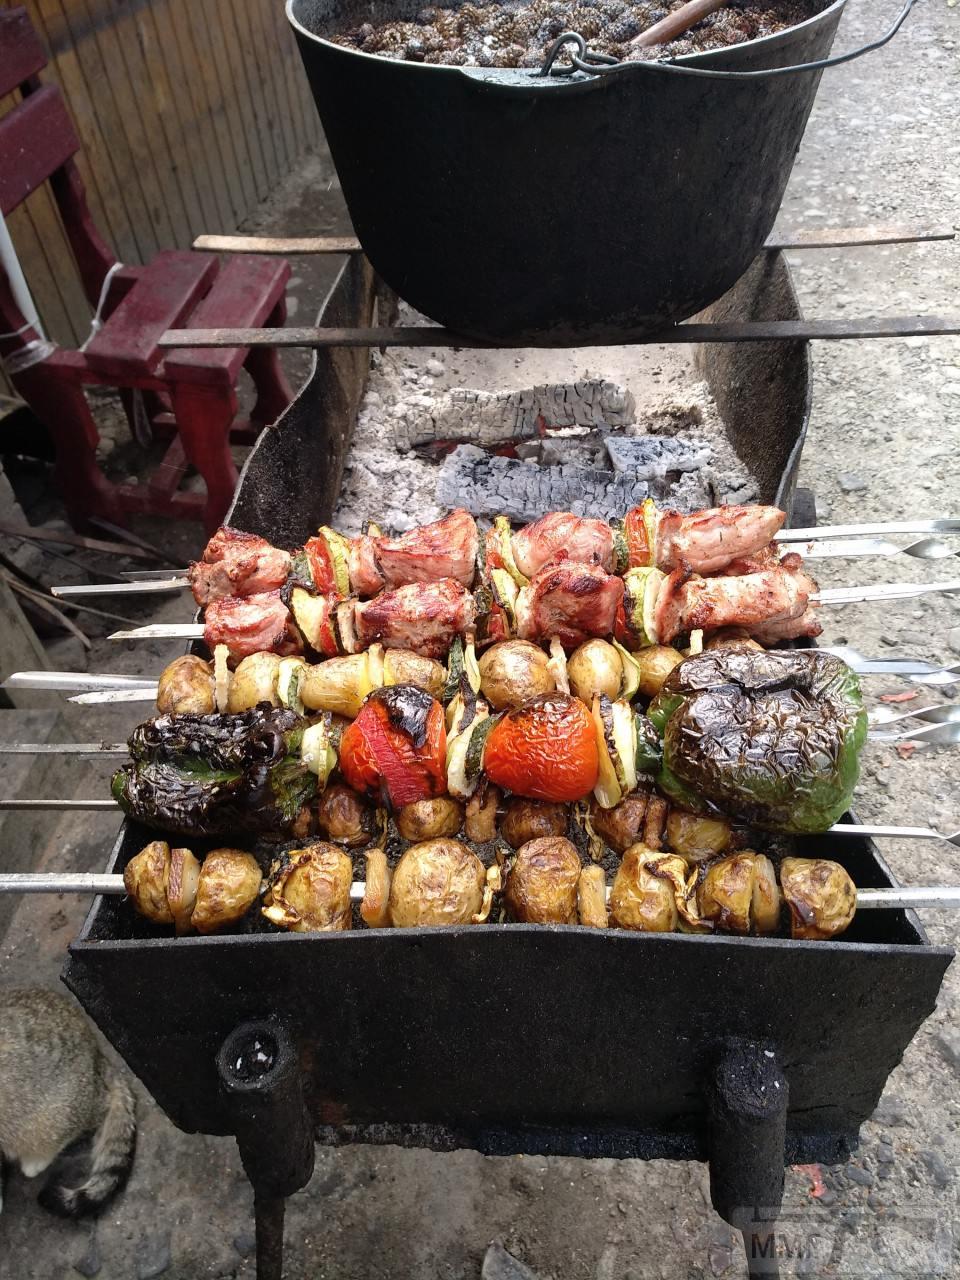 107219 - Закуски на огне (мангал, барбекю и т.д.) и кулинария вообще. Советы и рецепты.